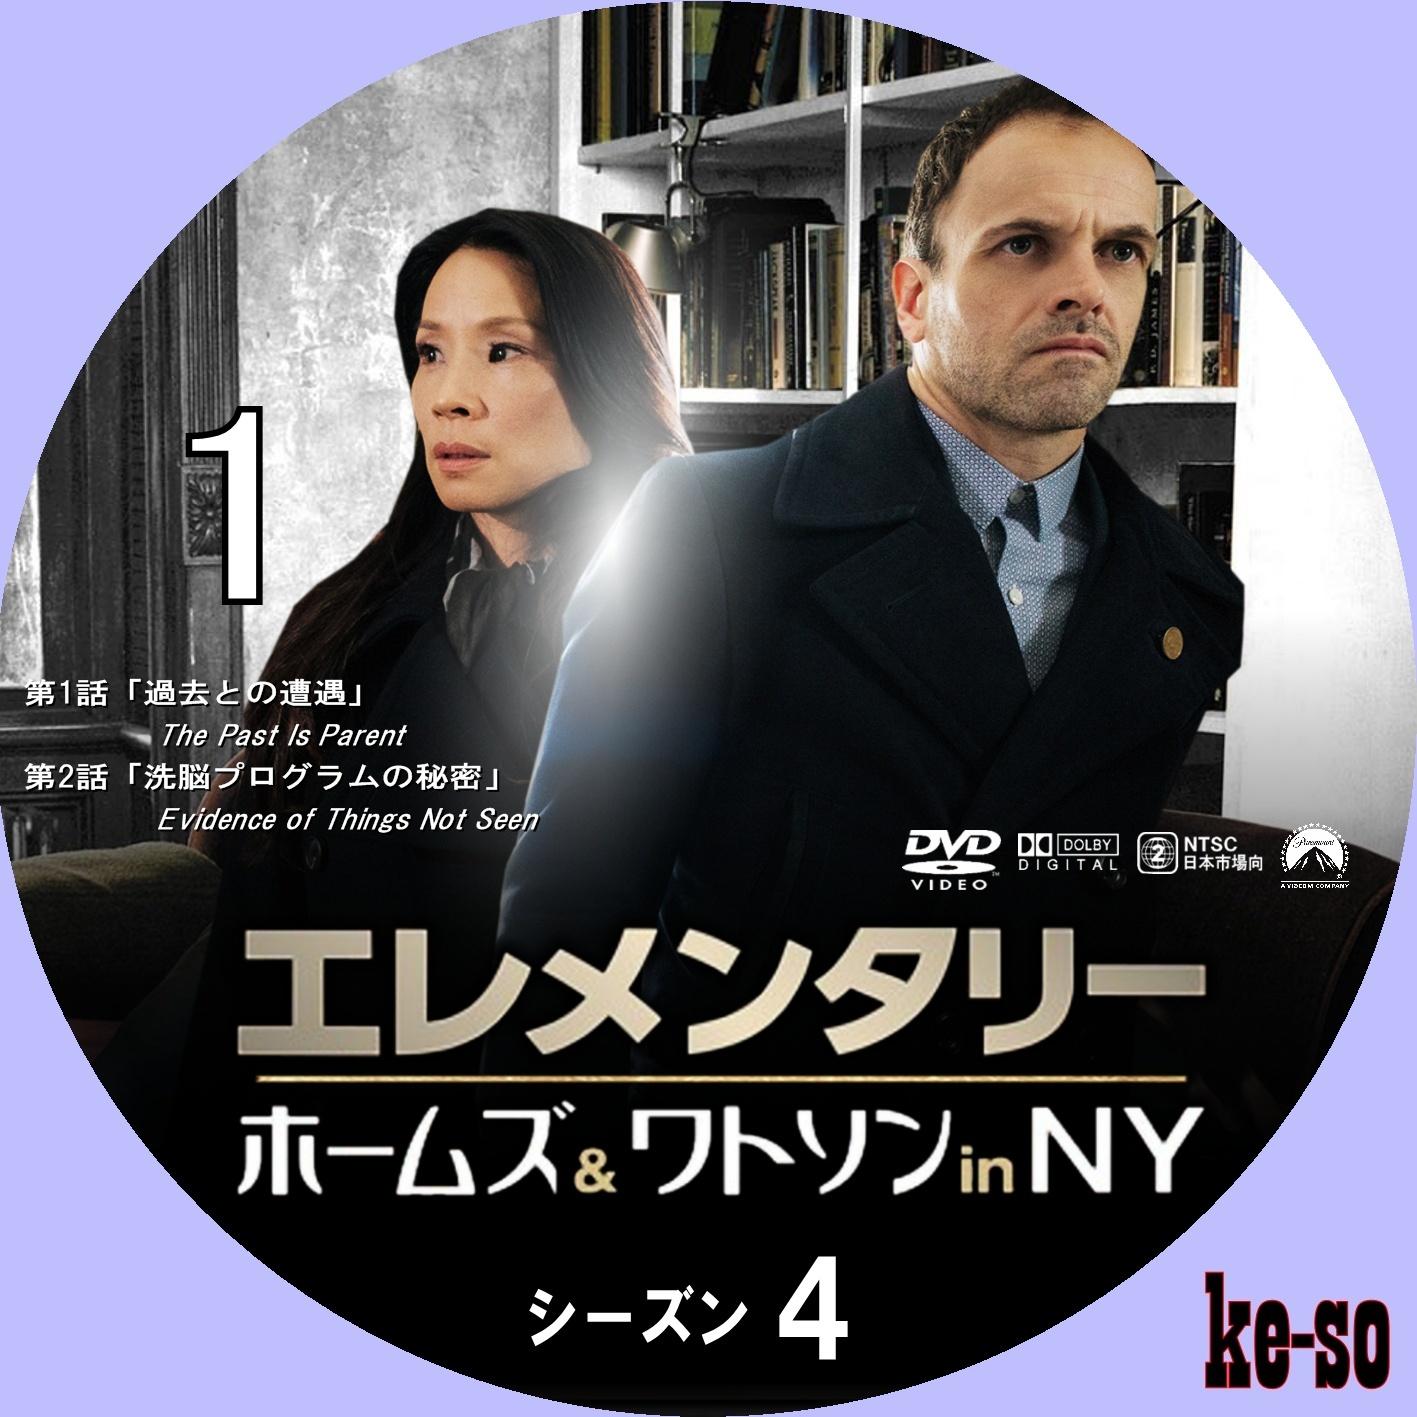 シーズン4 登場人物 | 『24 TWENTY FOUR』情報局